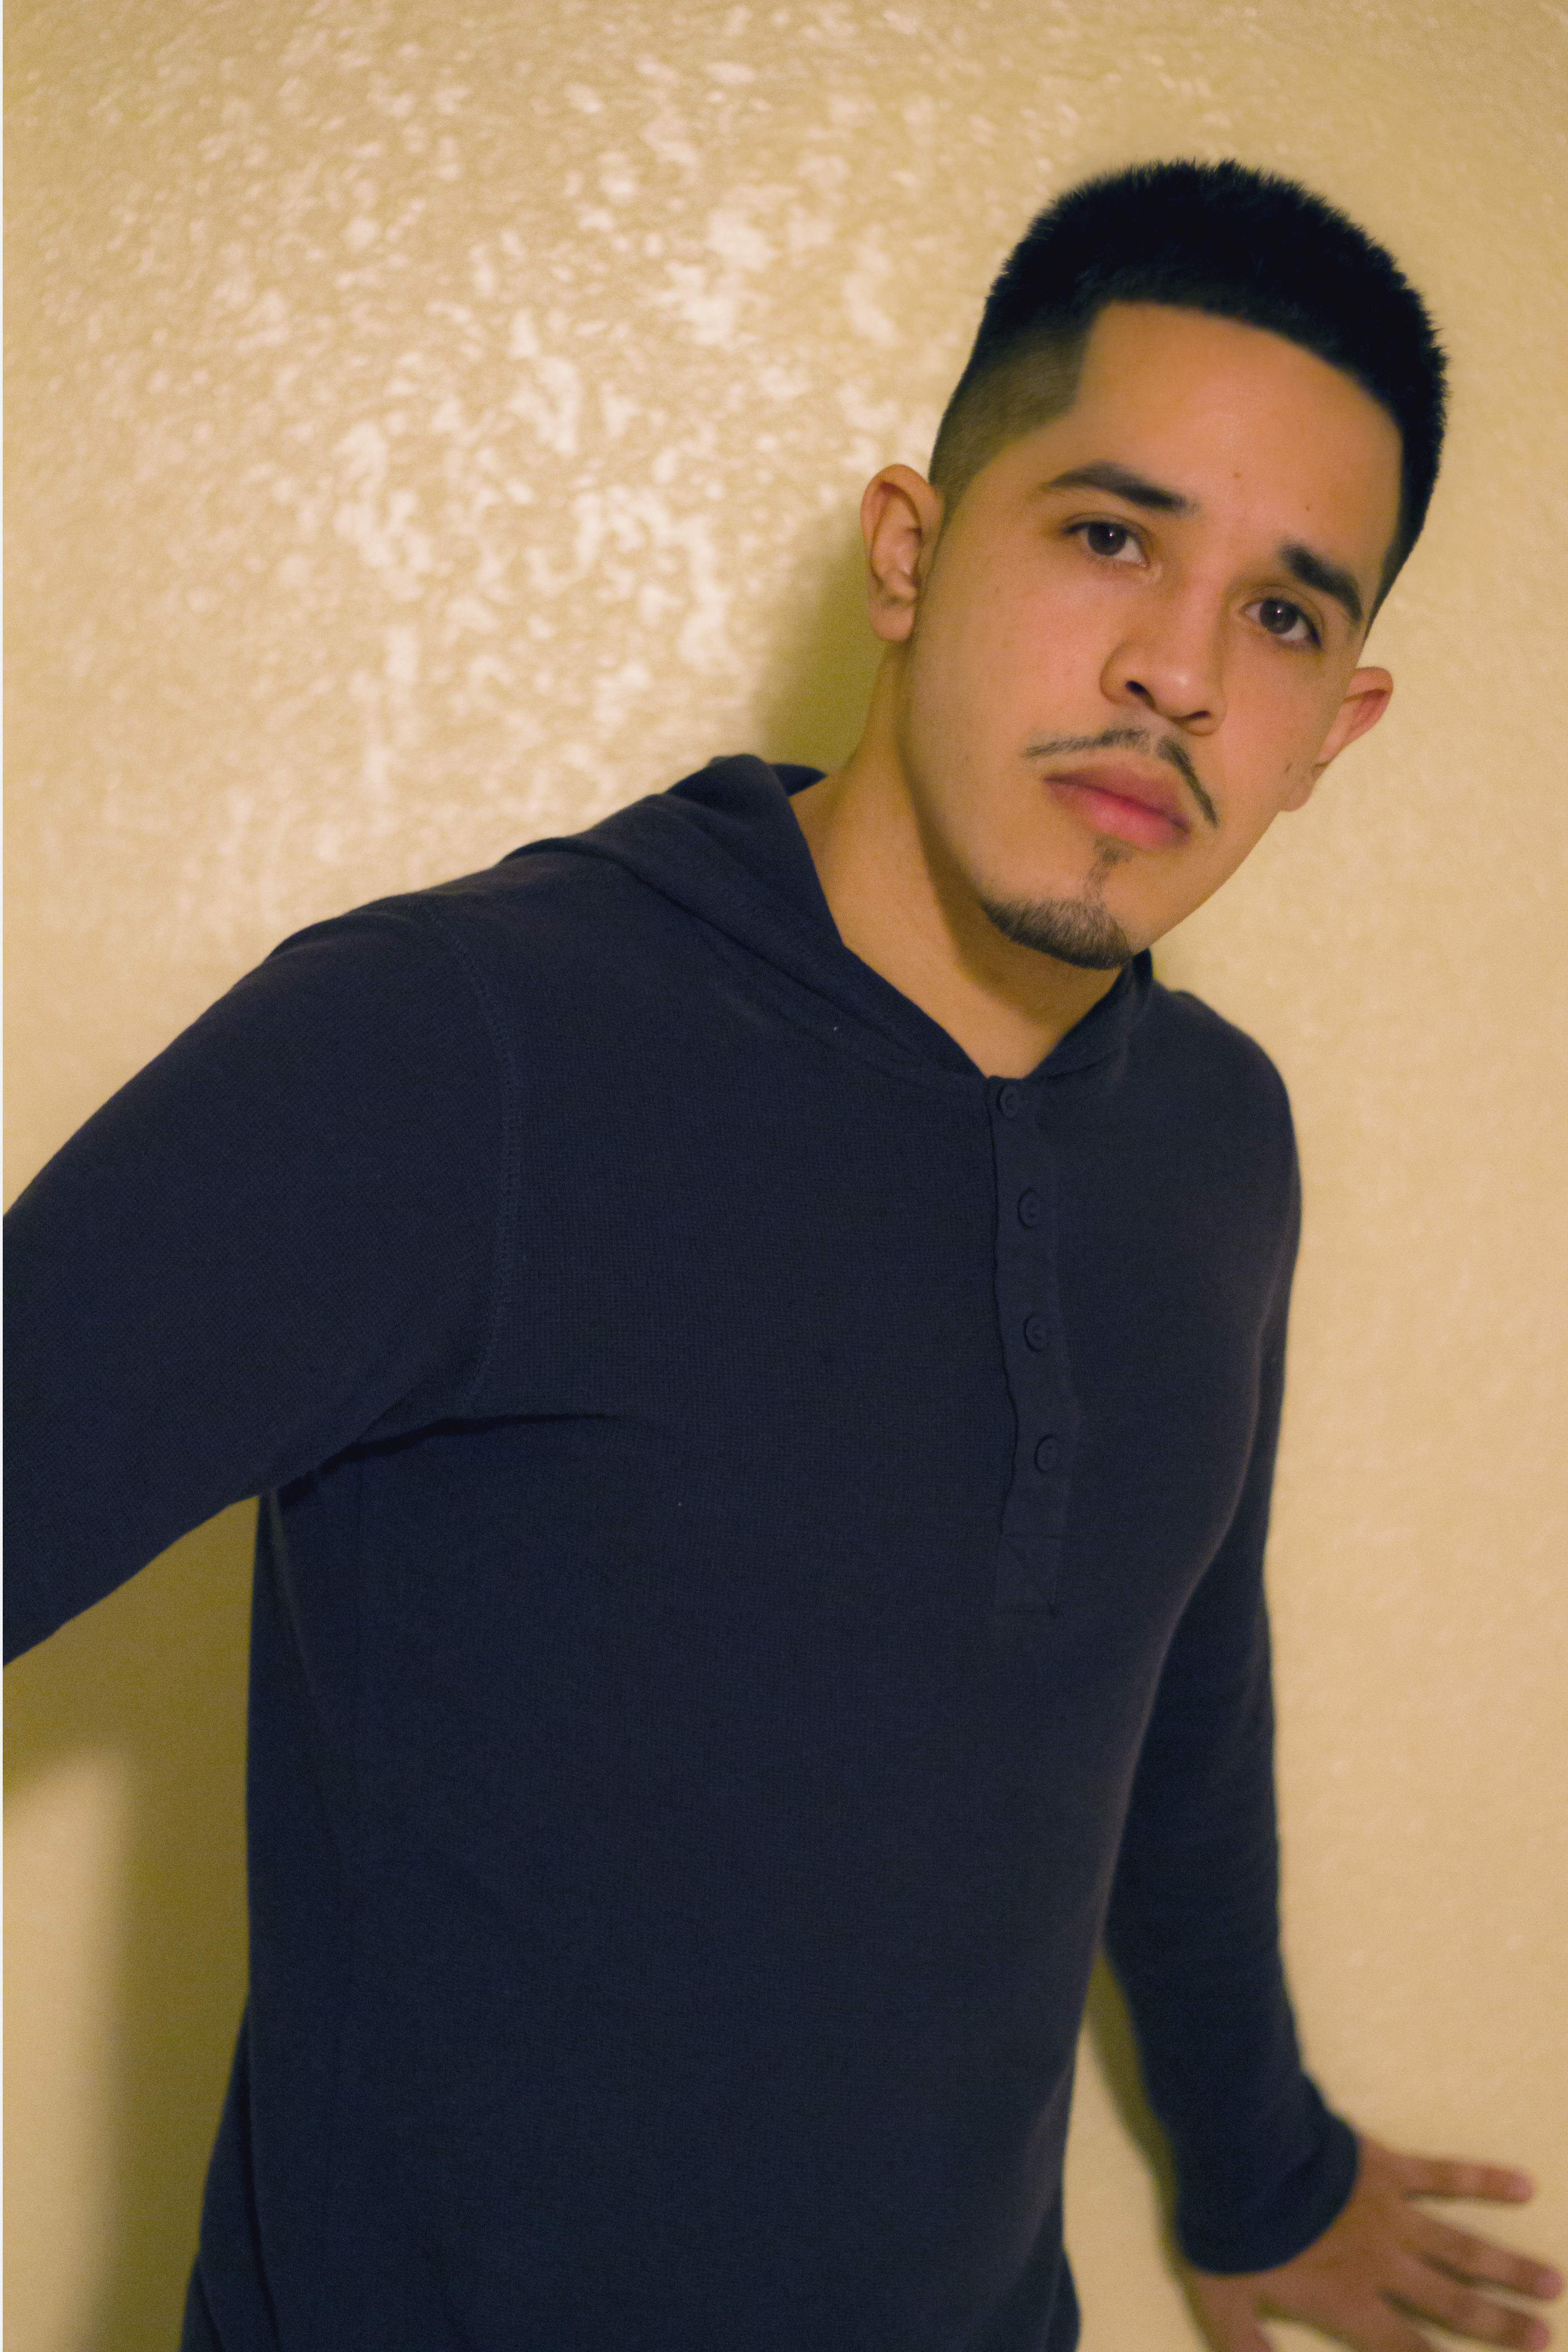 Christian Castillo